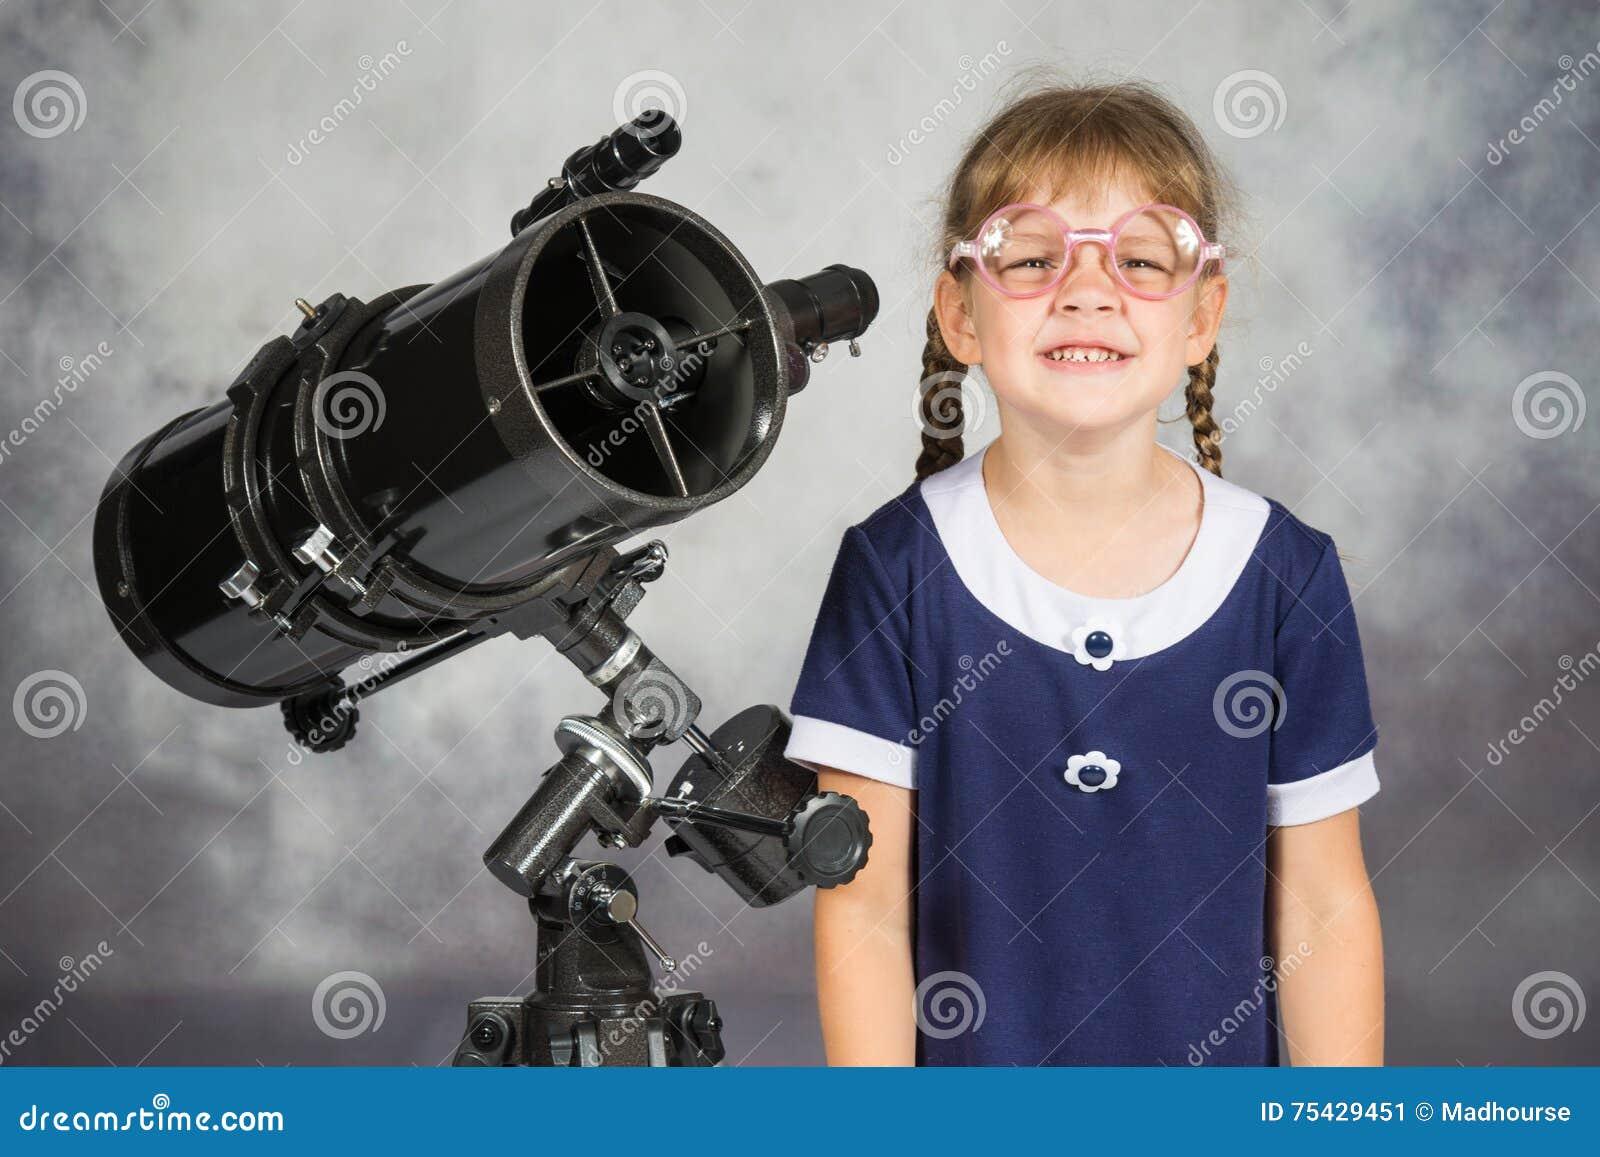 Telescopio que hace una pausa sonriente divertido del astrónomo aficionado con gafas de la muchacha